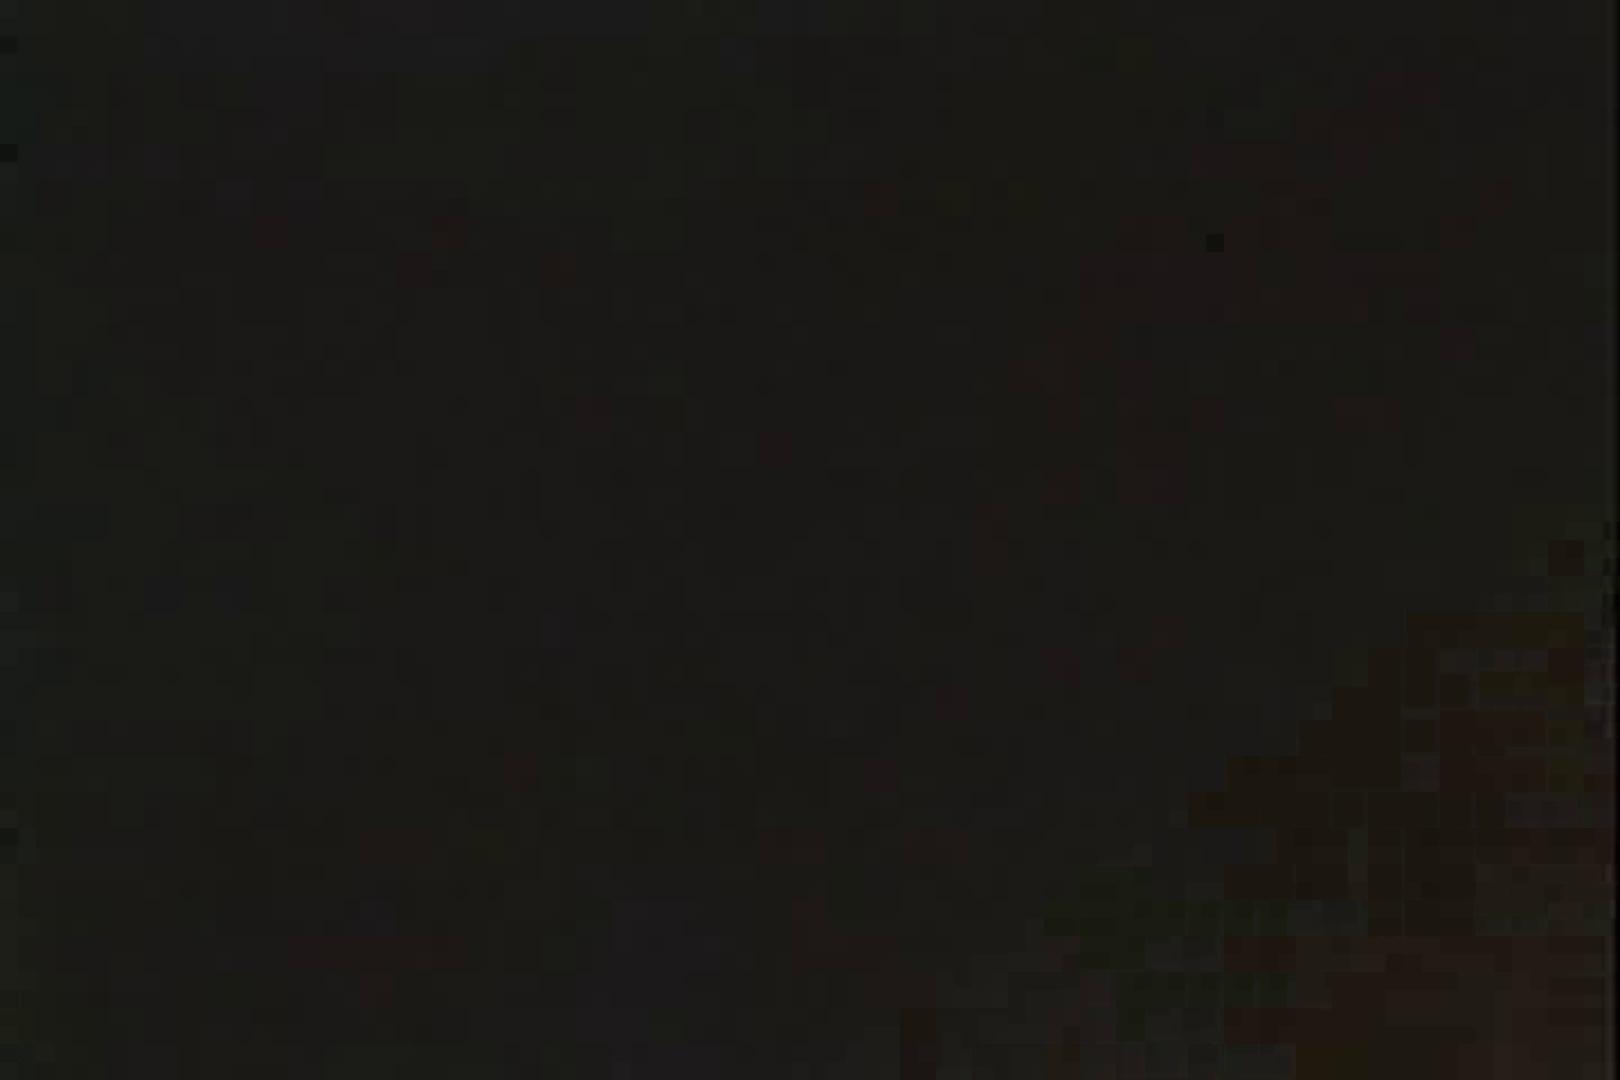 「ちくりん」さんのオリジナル未編集パンチラVol.6_01 チラ歓迎 すけべAV動画紹介 95pic 54